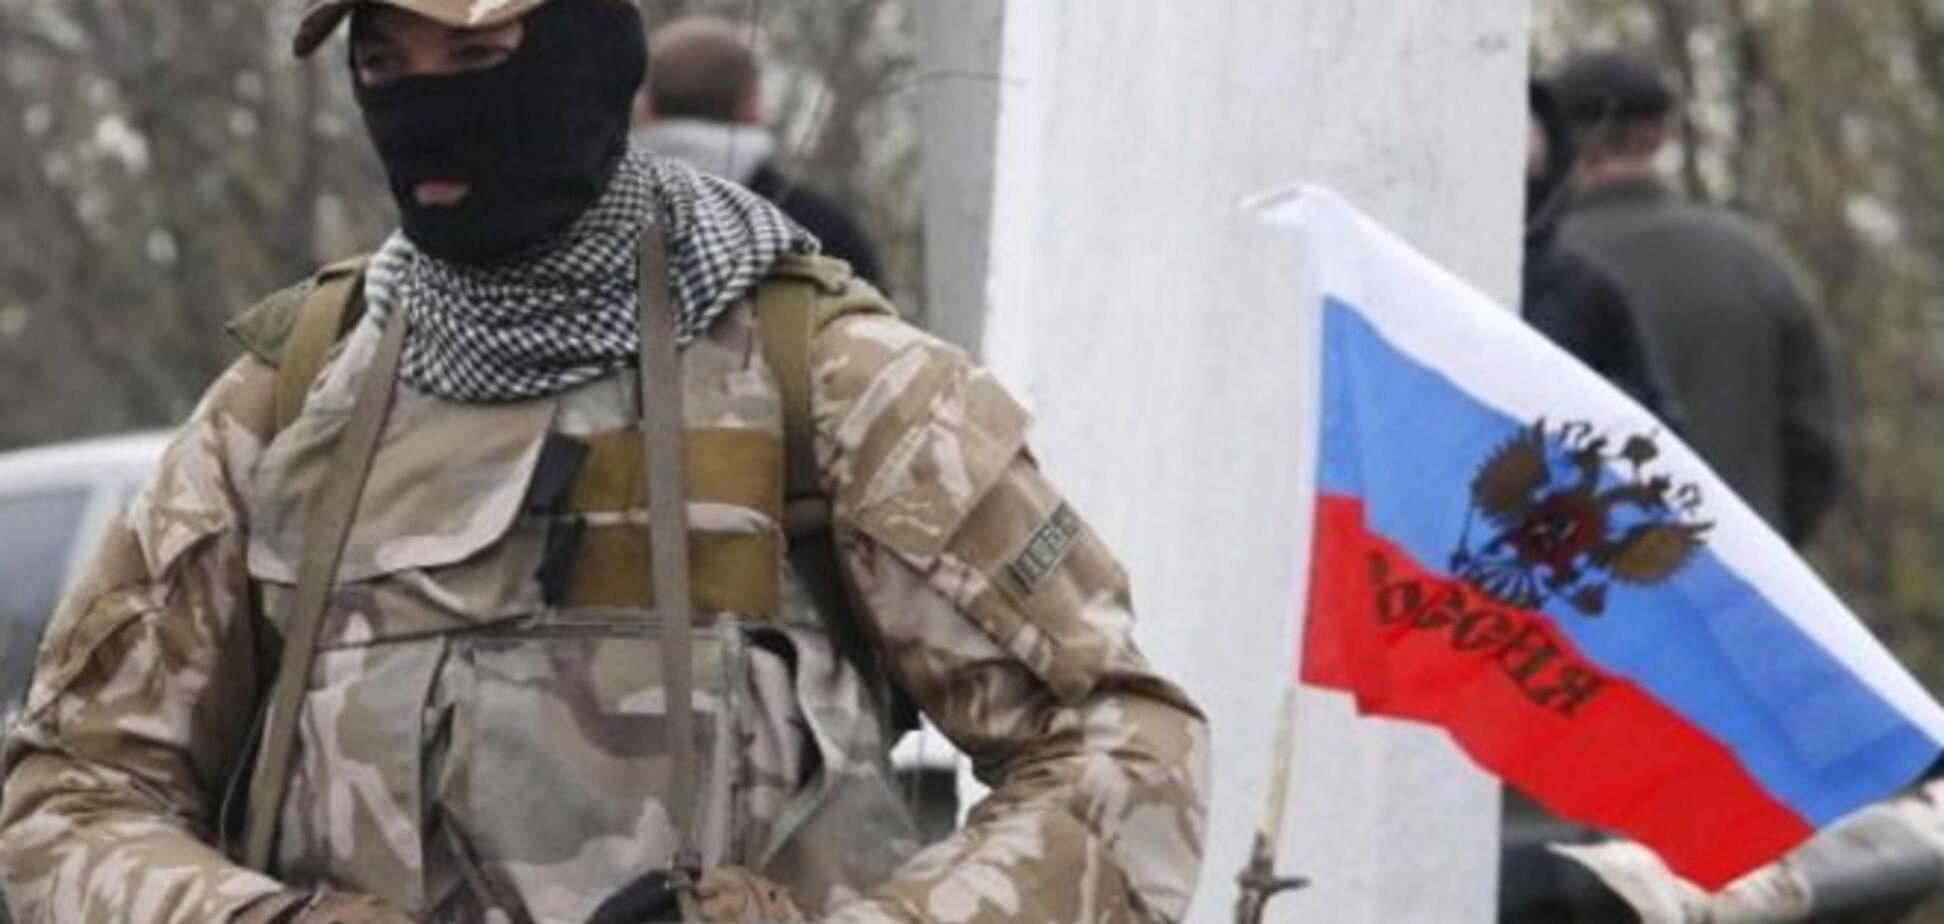 Ночью планируется переправка в Россию сотен трупов террористов - ИС